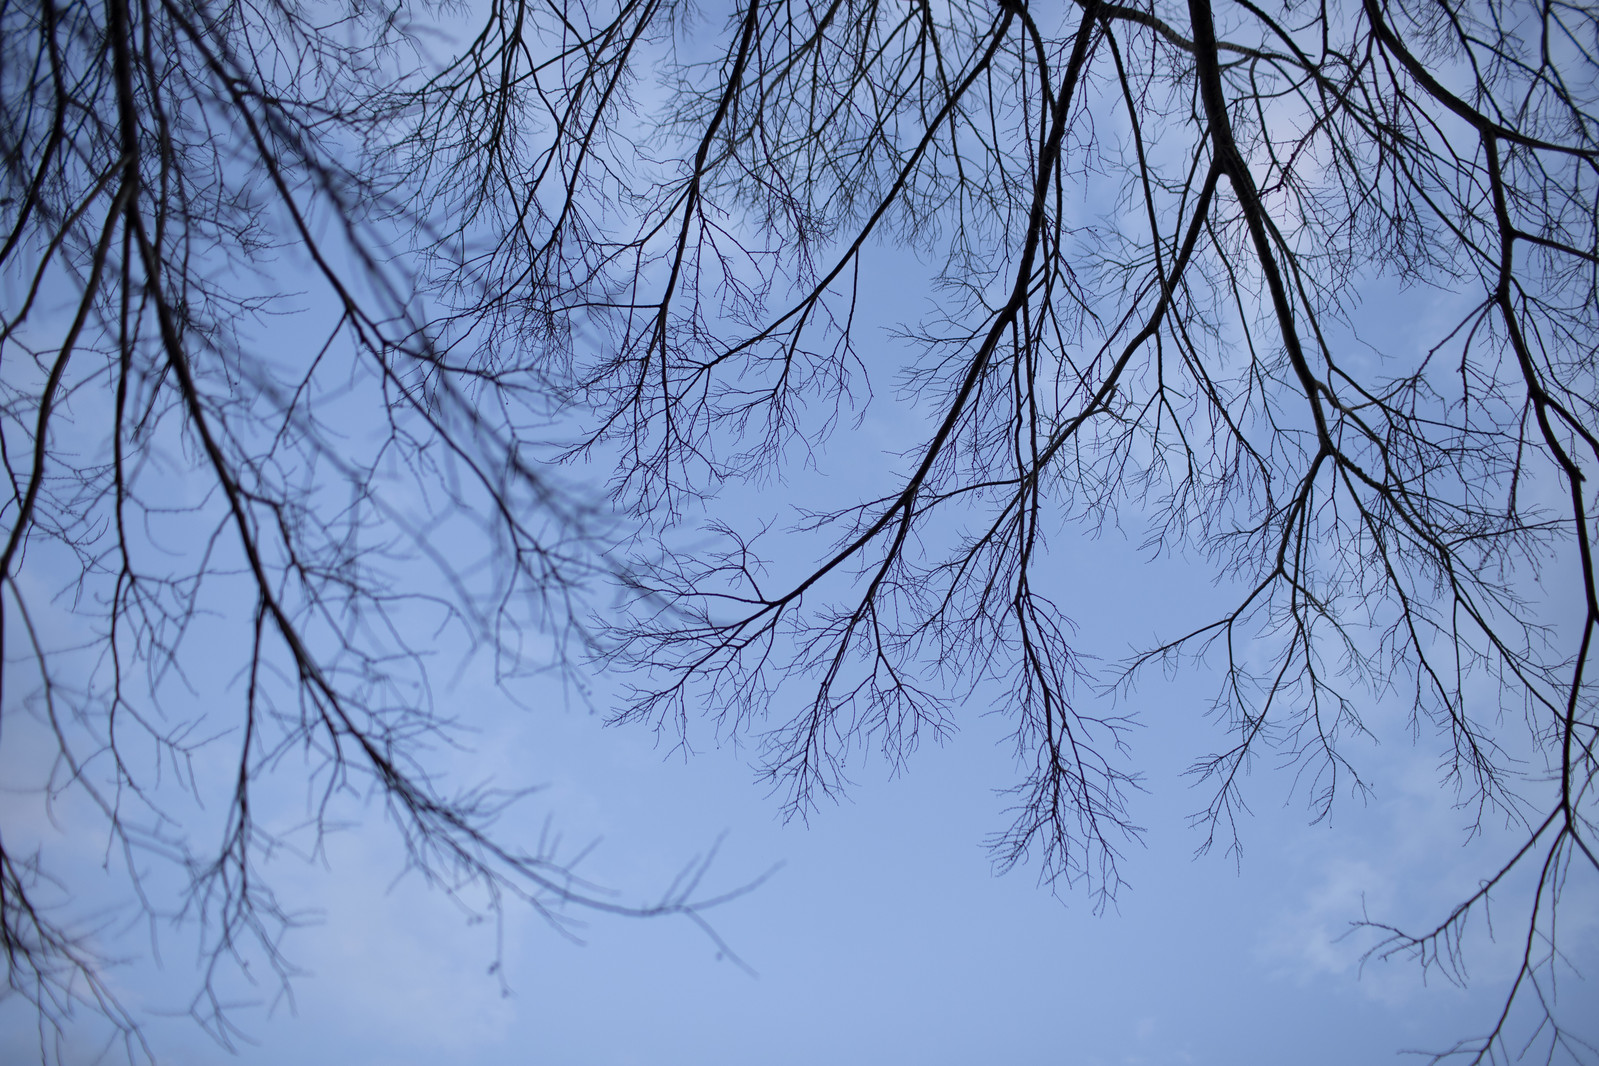 「空に這う木の枝」の写真